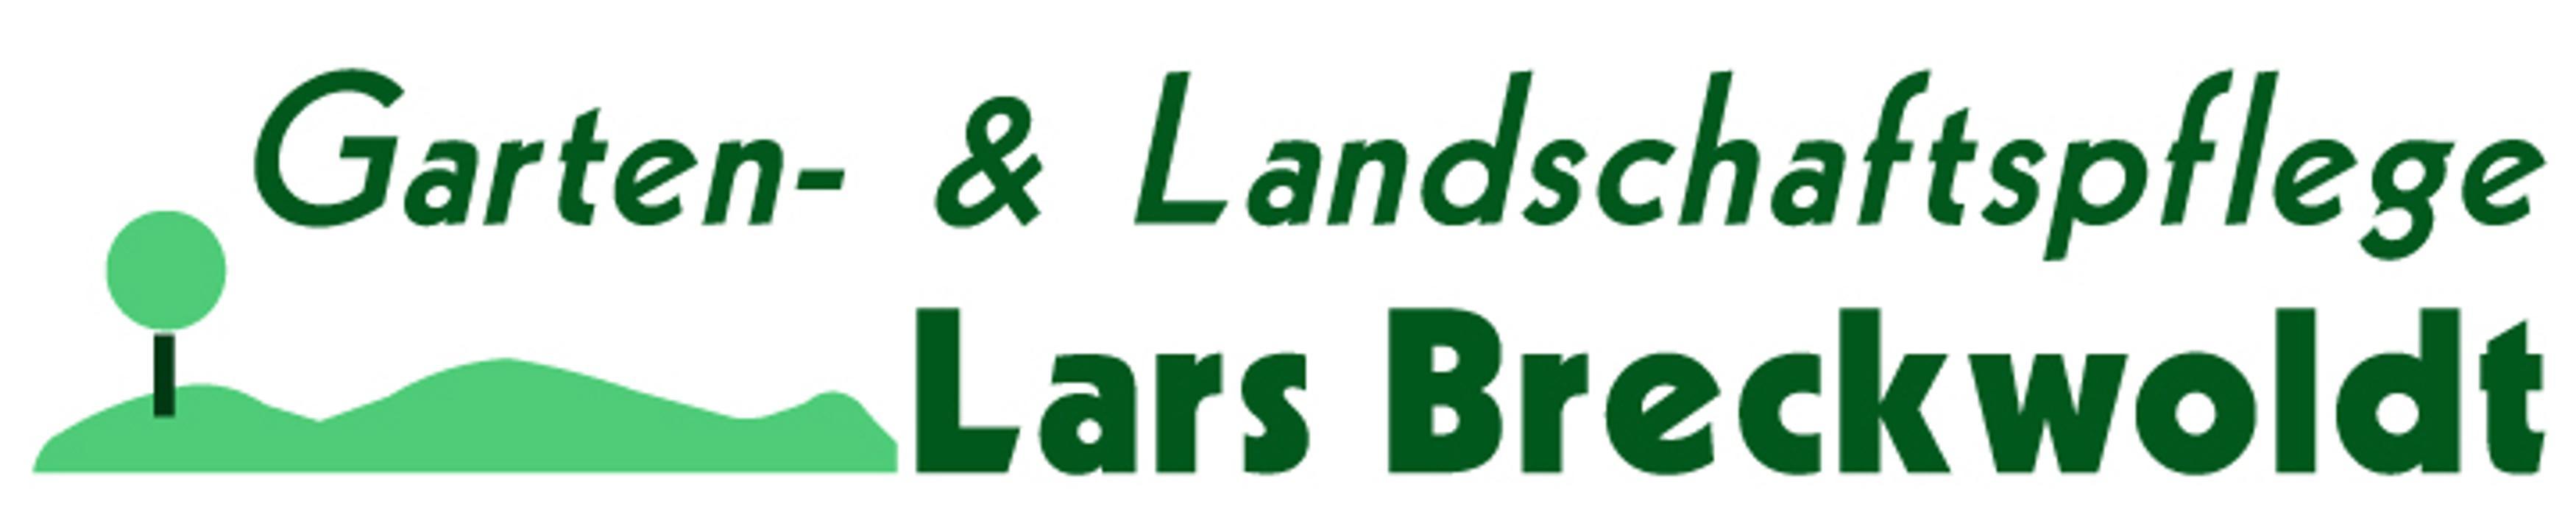 Bild zu Garten-& Landschaftspflege Lars Breckwoldt in Hasloh